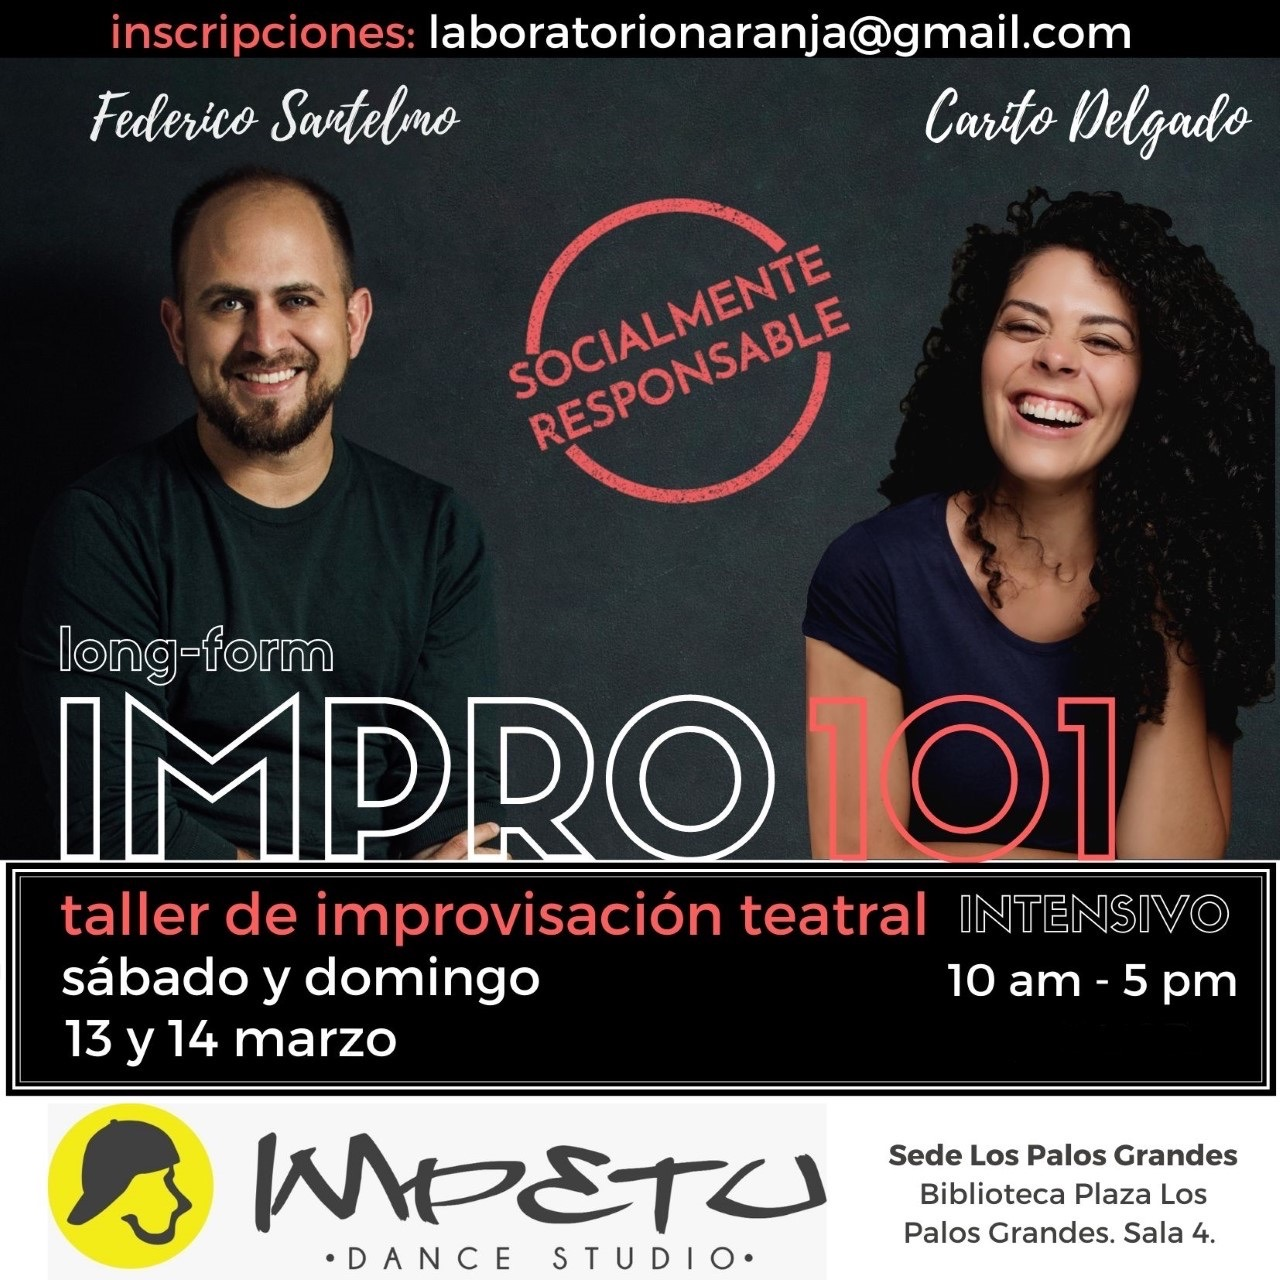 El Arte de la Improvisación Teatral